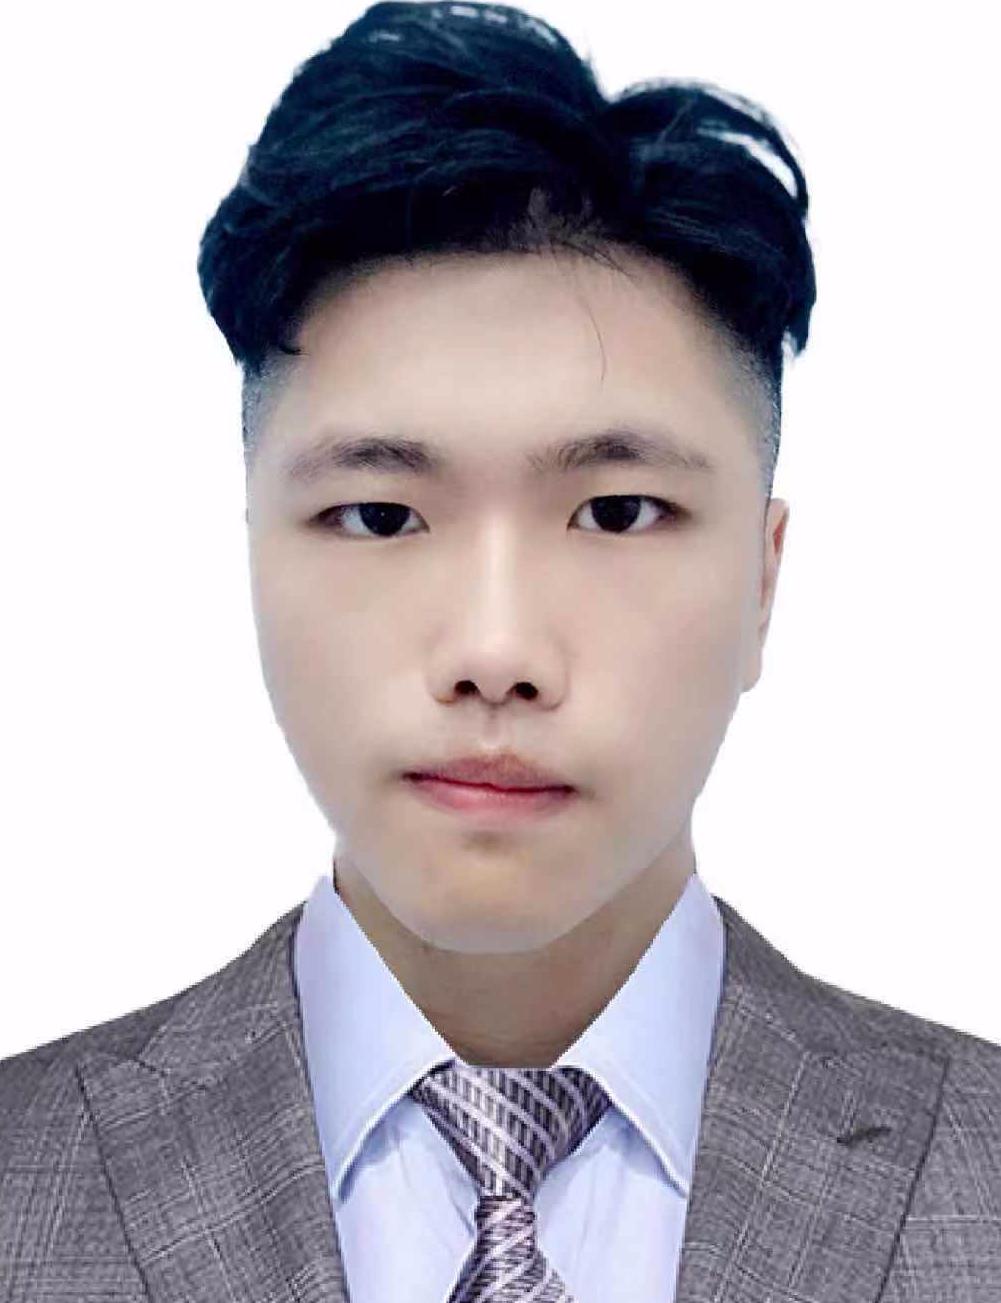 无锡二手房经纪人蒋家辉